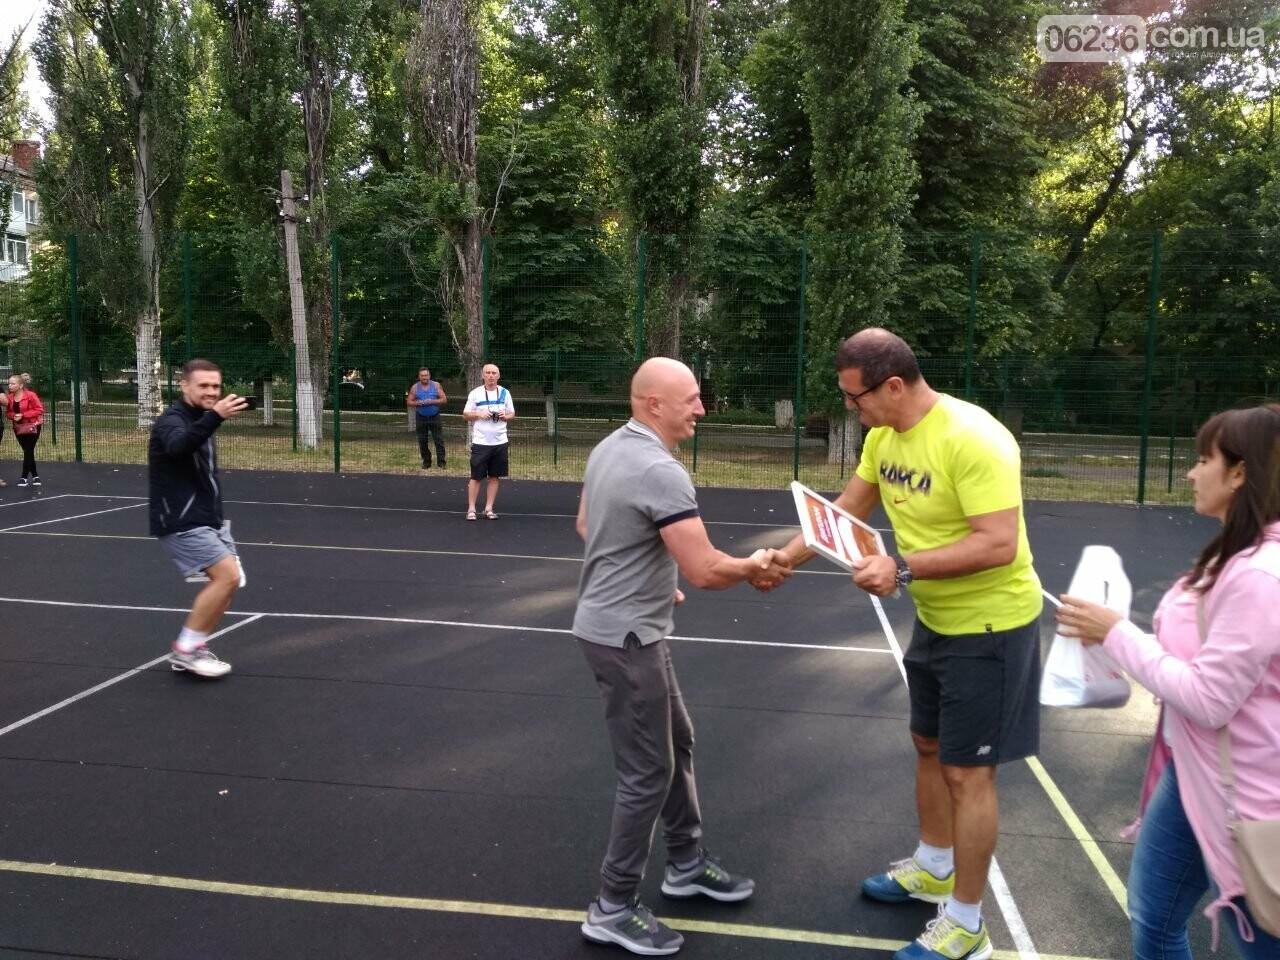 В Авдеевке подвели итоги турнира по большому теннису на Кубок гендиректора АКХЗ Мусы Магомедова (ФОТО), фото-4